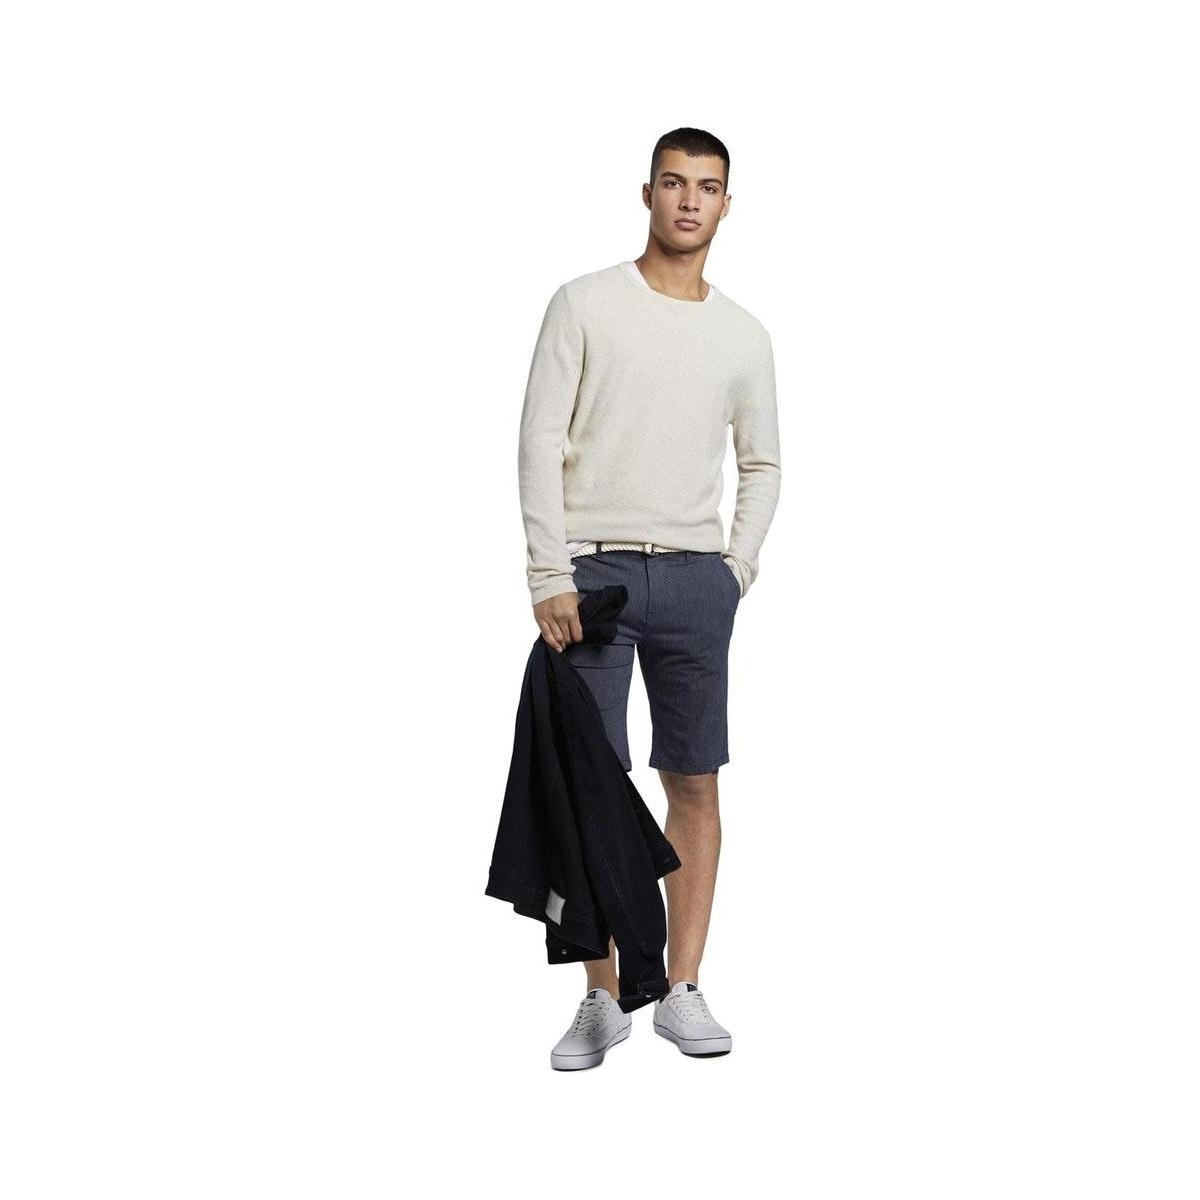 fijn patroon chino met gevlochten riem 1016951xx12 tom tailor korte broek 21975